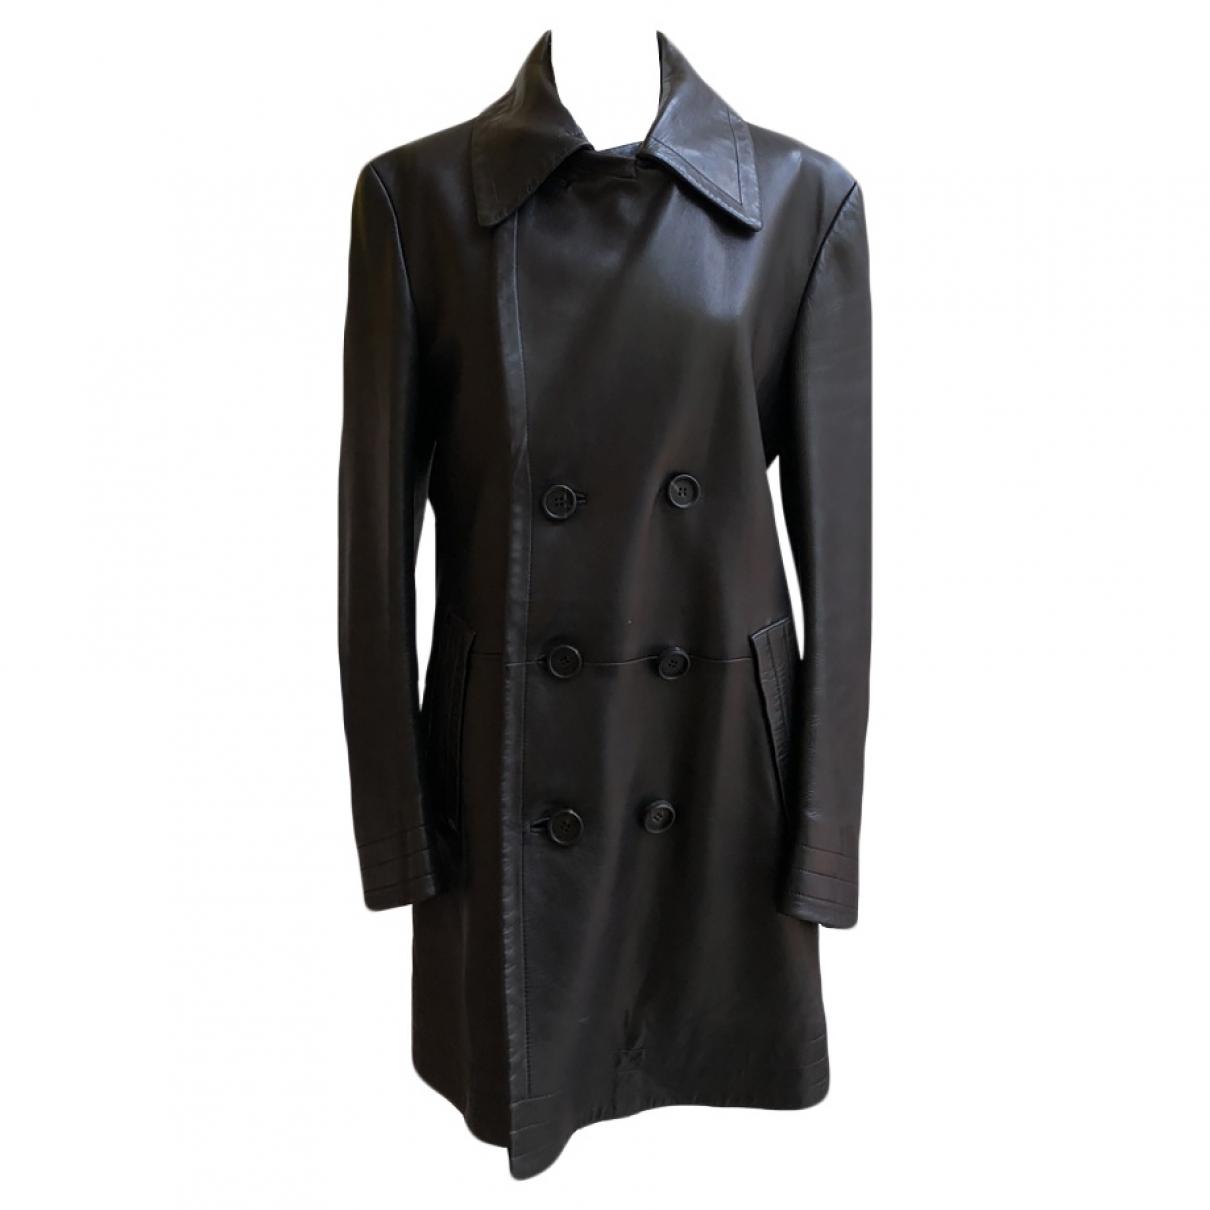 Gucci - Manteau   pour homme en cuir - marron